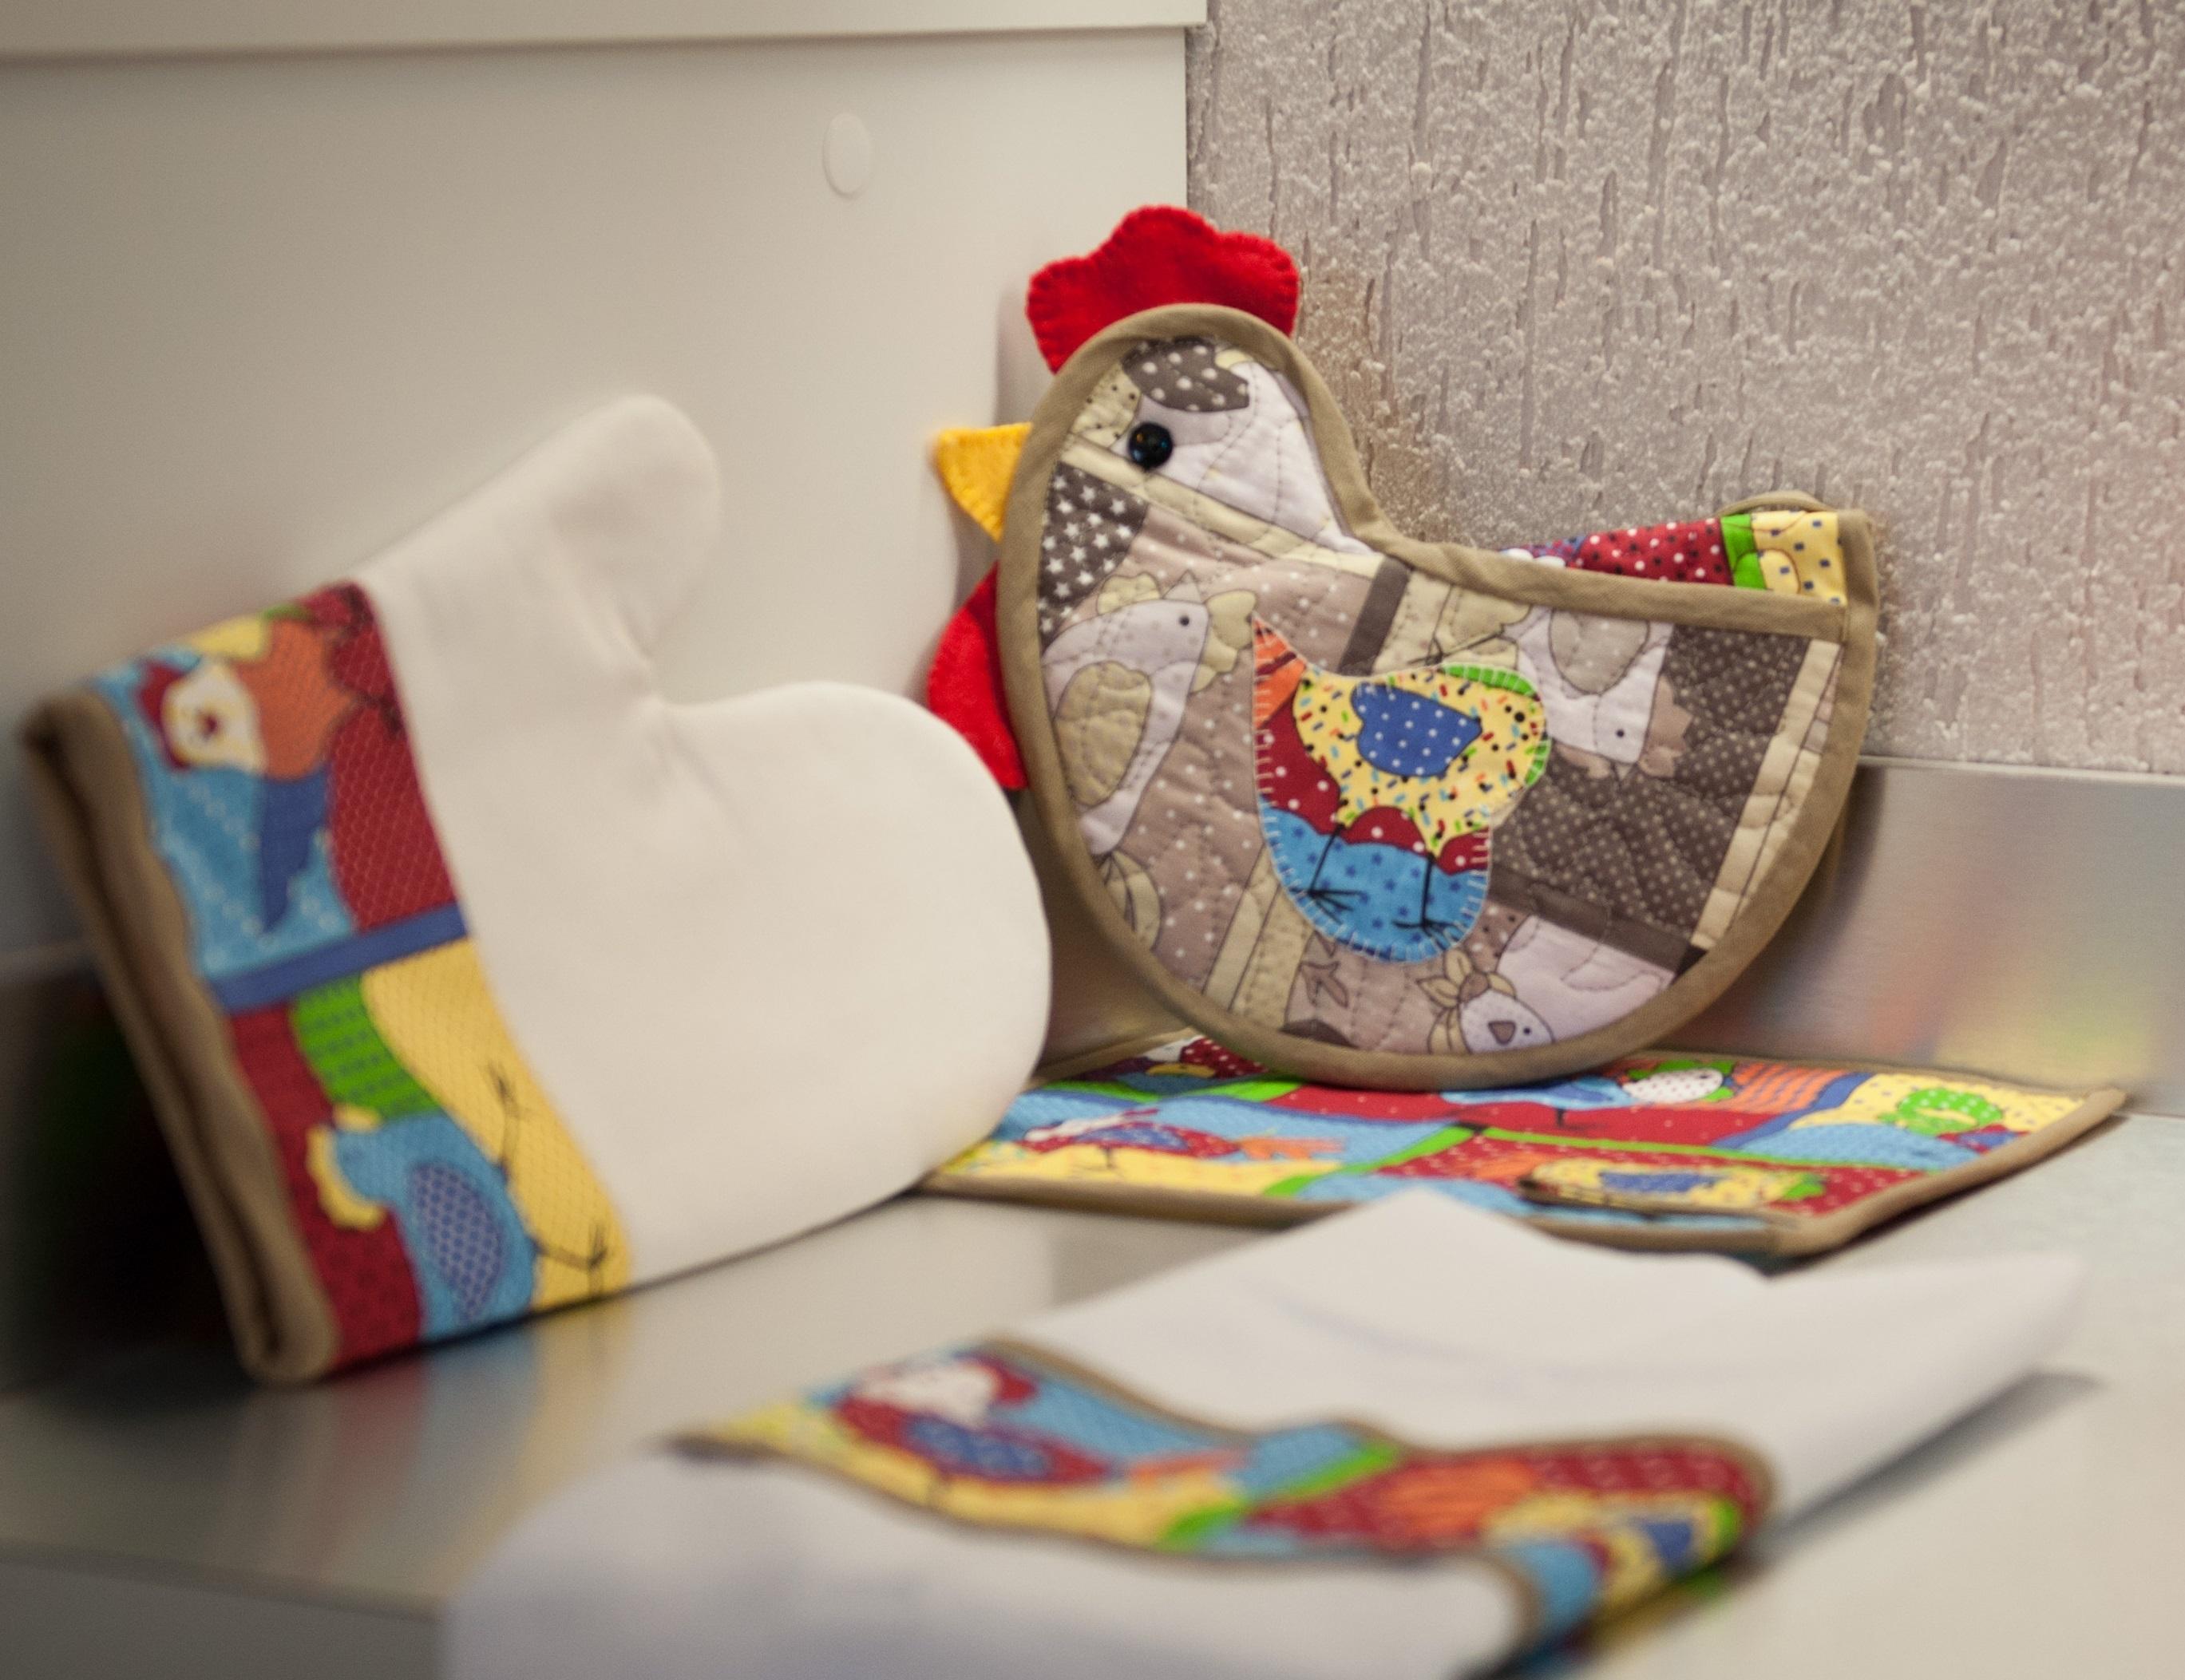 kit decoracao cozinha : kit decoracao cozinha:Kit Cozinha Patchwork Galinha Colorida